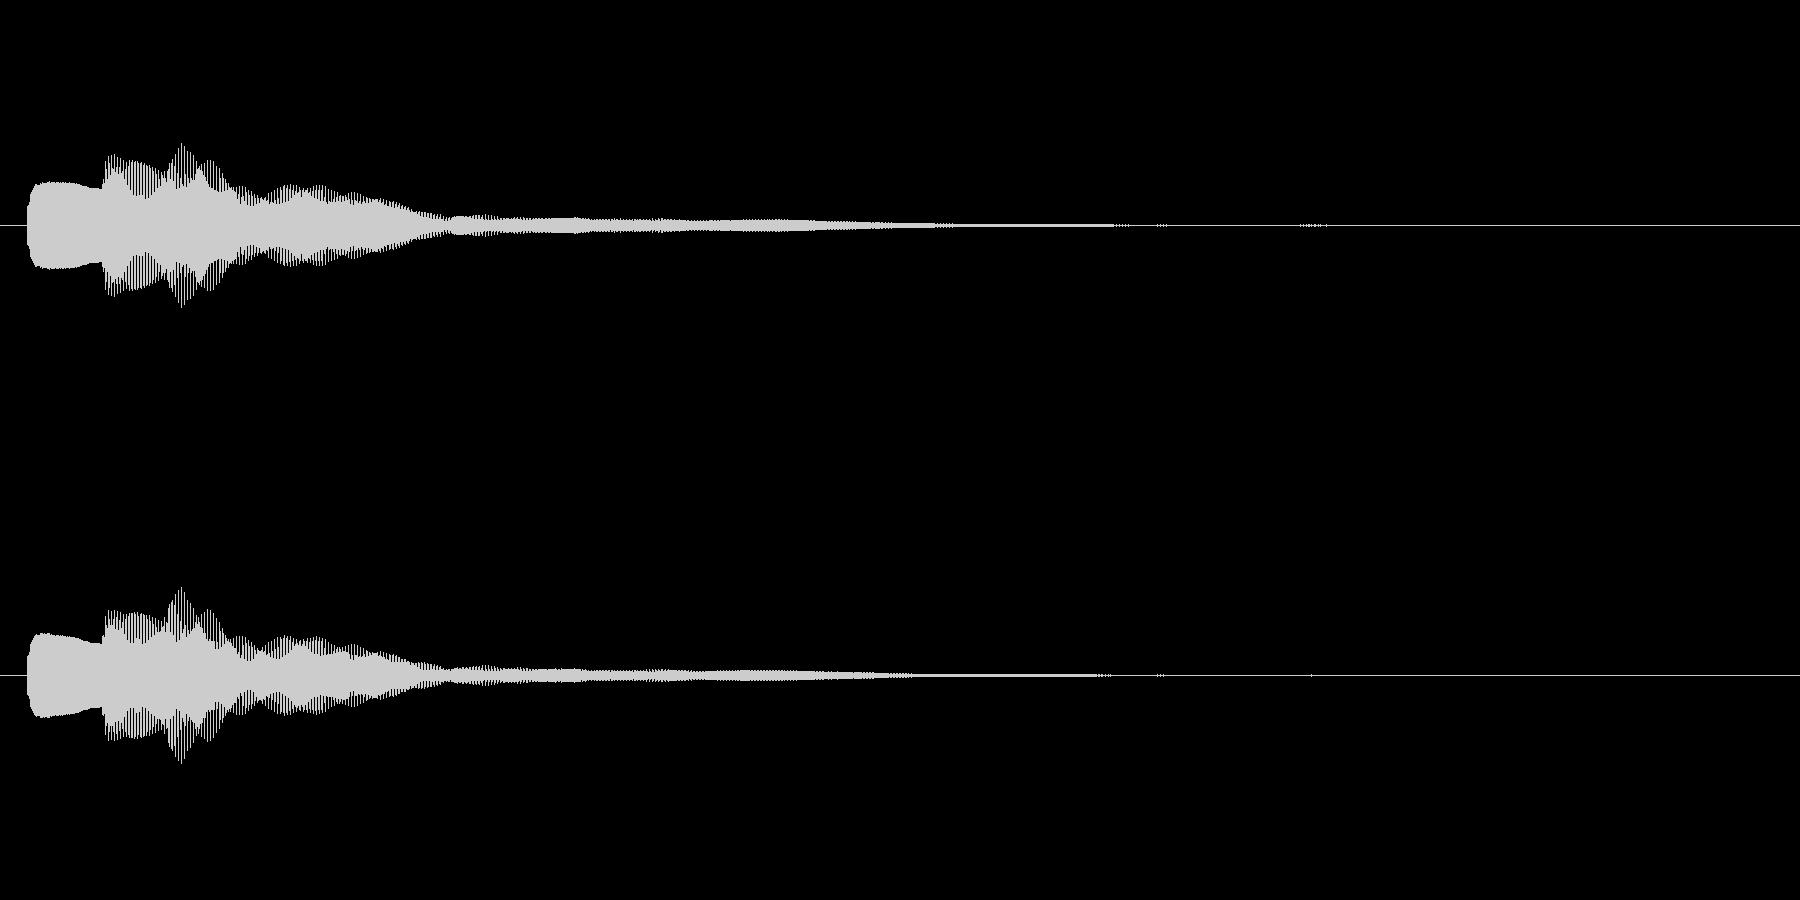 【キラリン】カリンバのかわいい効果音の未再生の波形